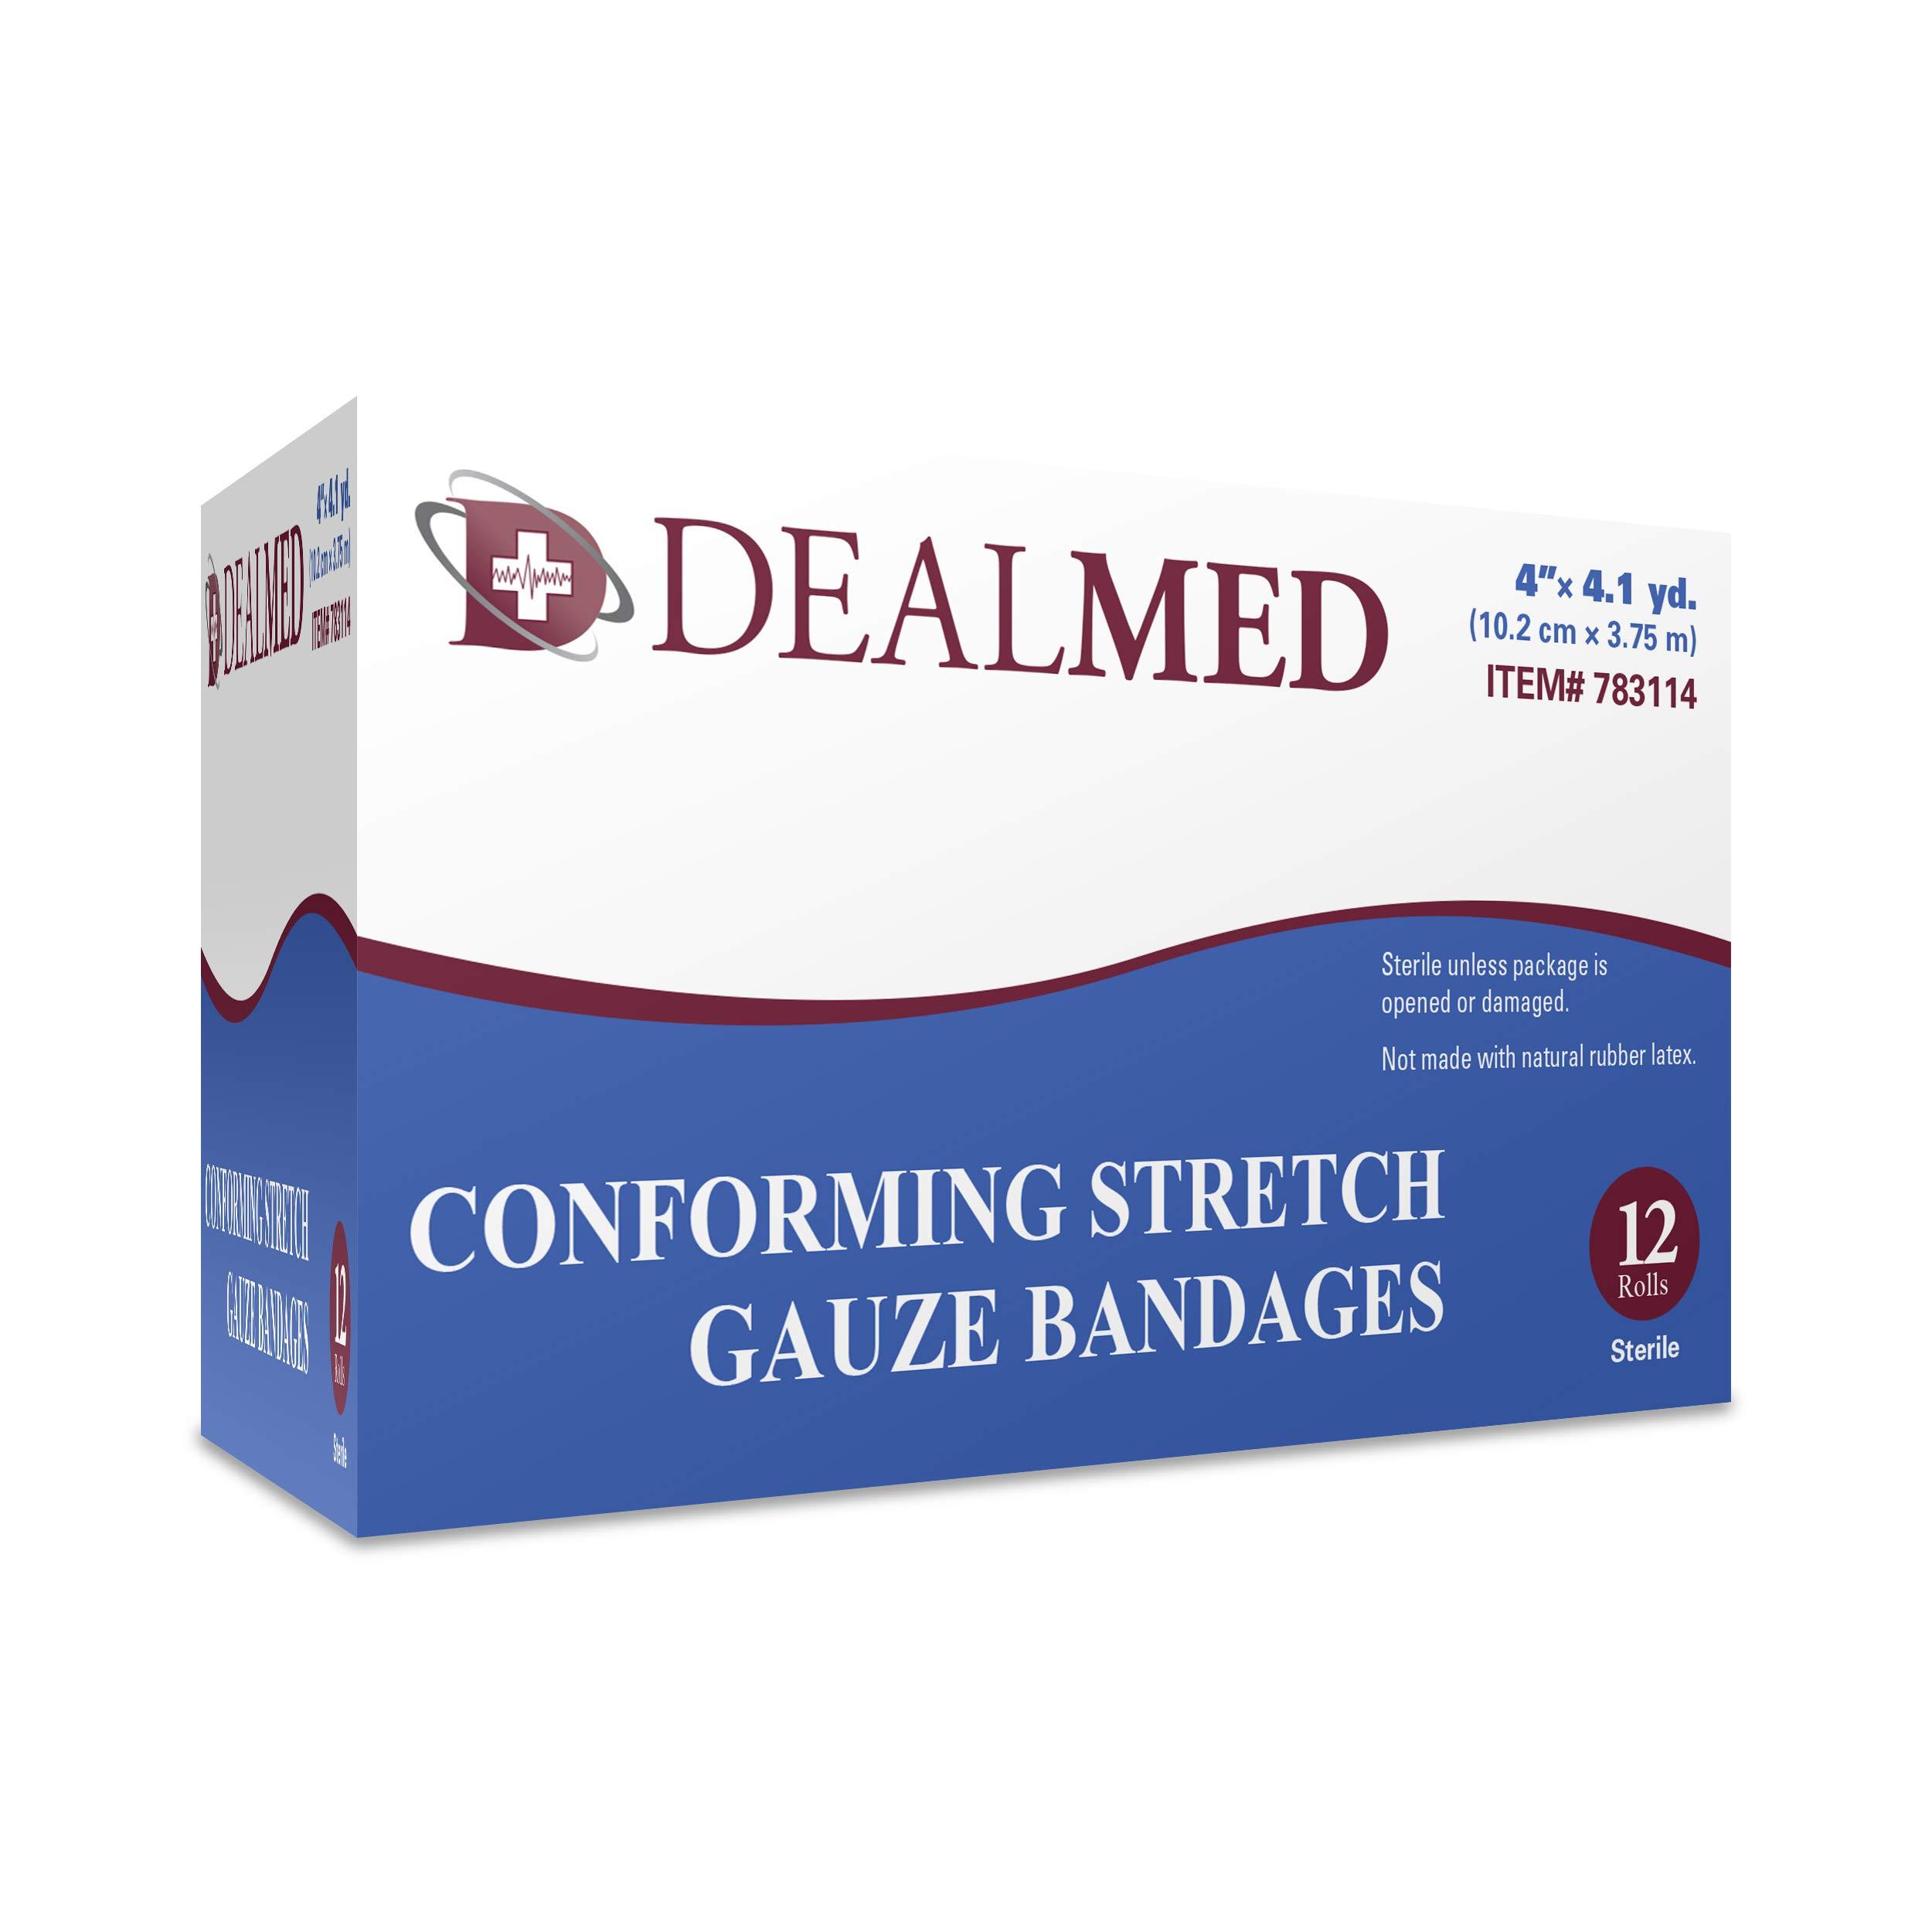 Dealmed 4'' Sterile Conforming Stretch Gauze Bandages, 4.1 Yards Stretched, 12 Rolls